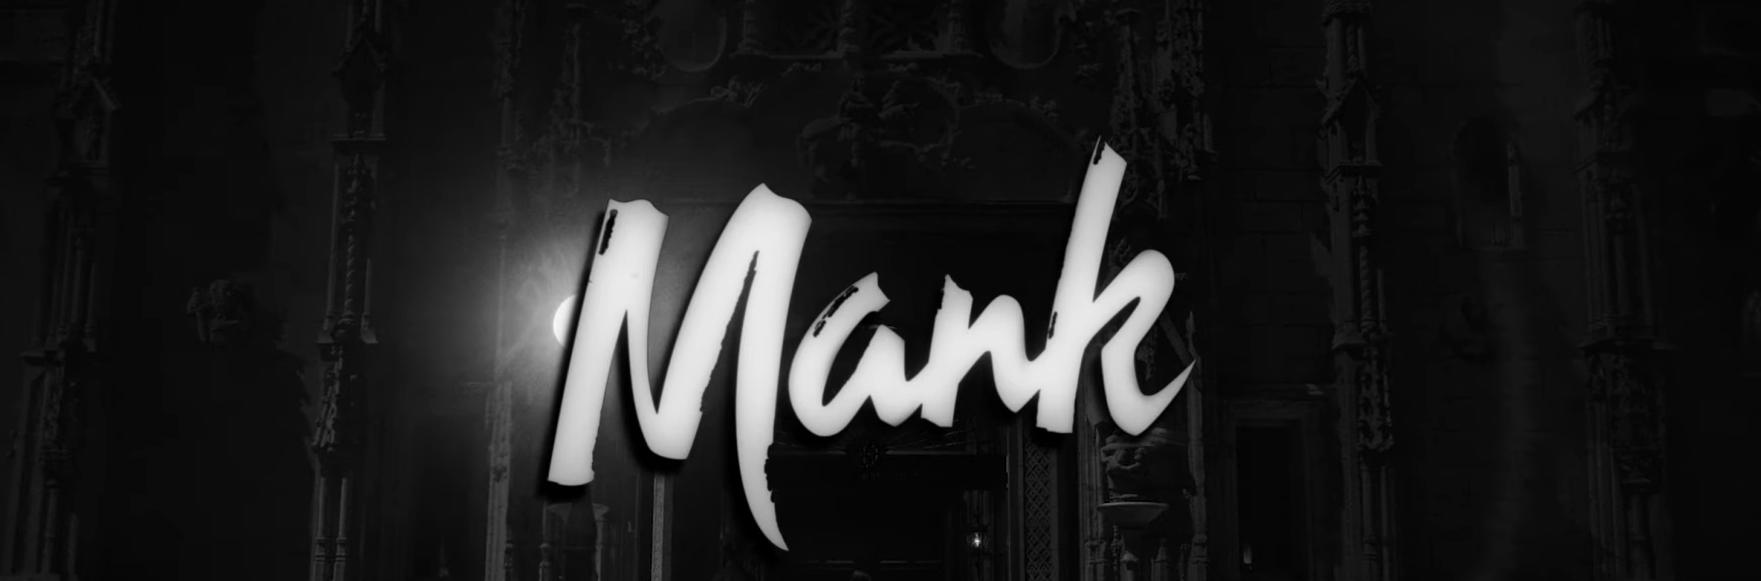 mank film david fincher:La película sobre el guionista Citizen Kane el 4 de diciembre 1